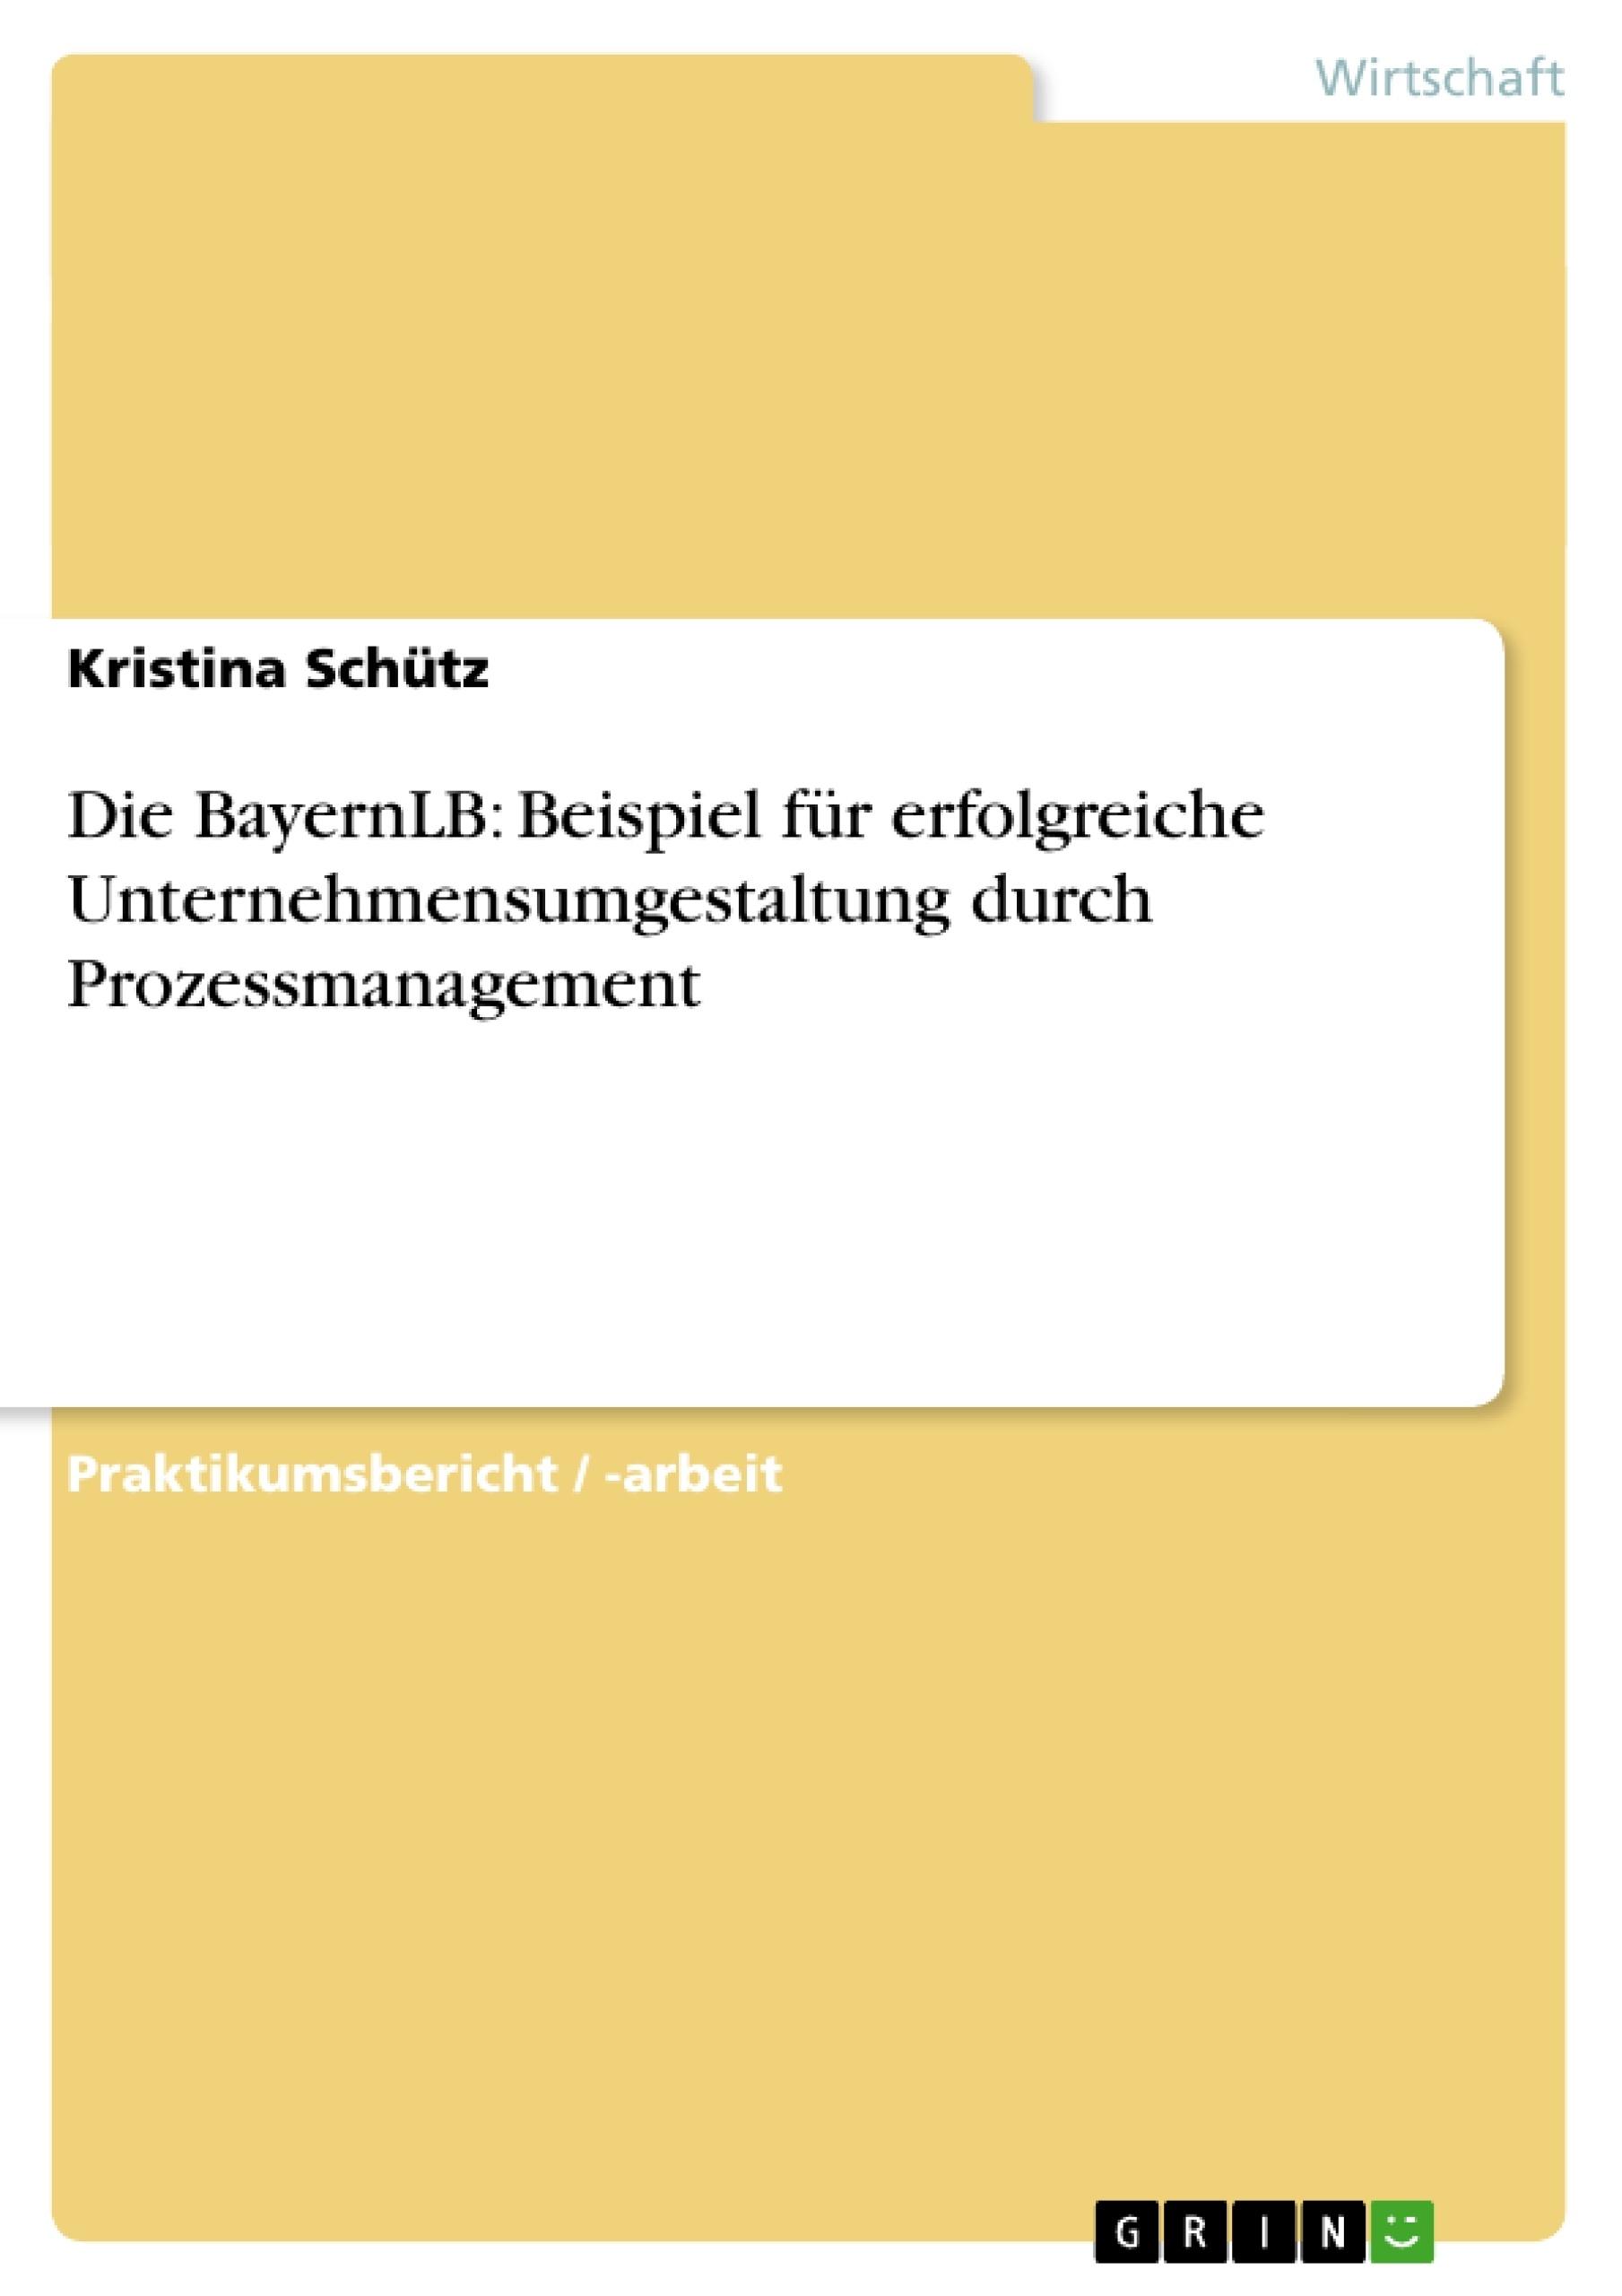 Titel: Die BayernLB: Beispiel für erfolgreiche Unternehmensumgestaltung durch Prozessmanagement